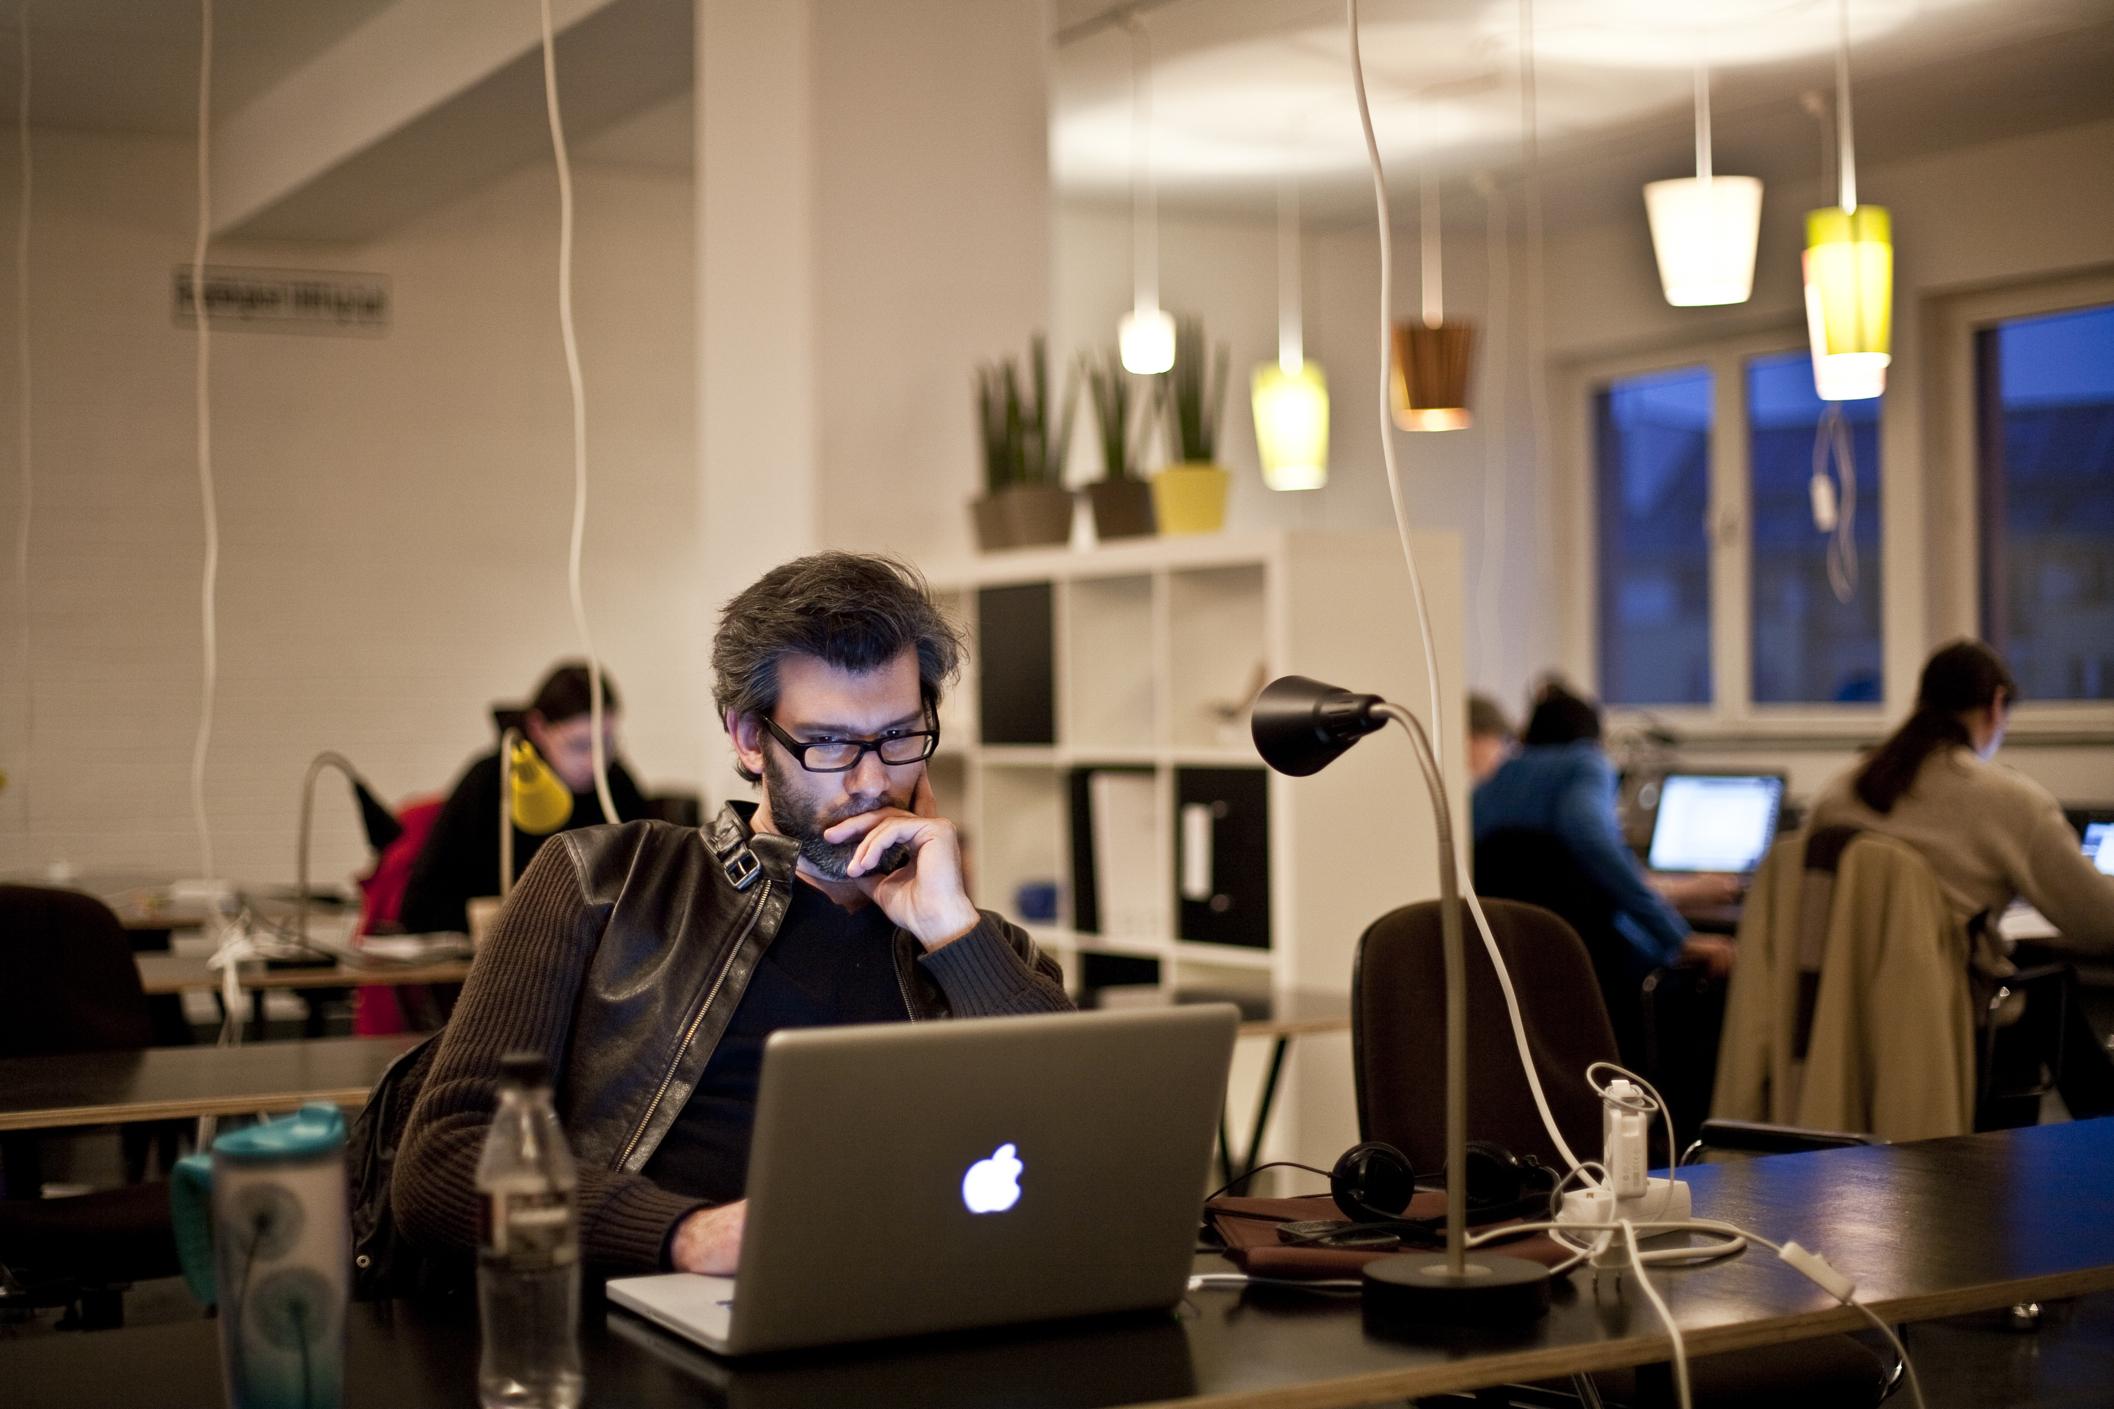 Lavoro remoto e coworking: la nuova normalità?